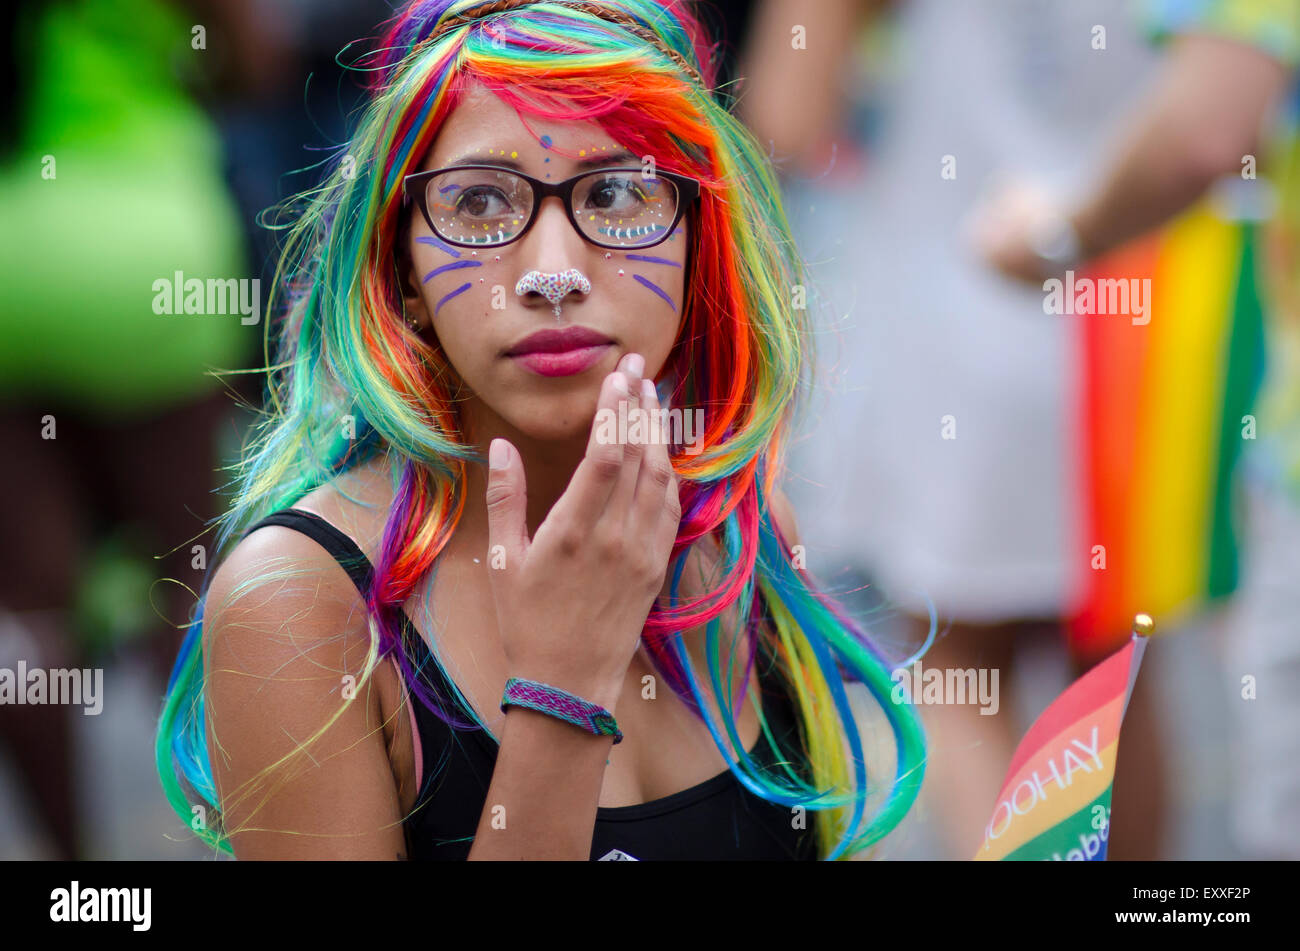 La VILLE DE NEW YORK, USA - 28 juin 2015: jeune femme vêtue de perruque colorée se penche sur les Photo Stock